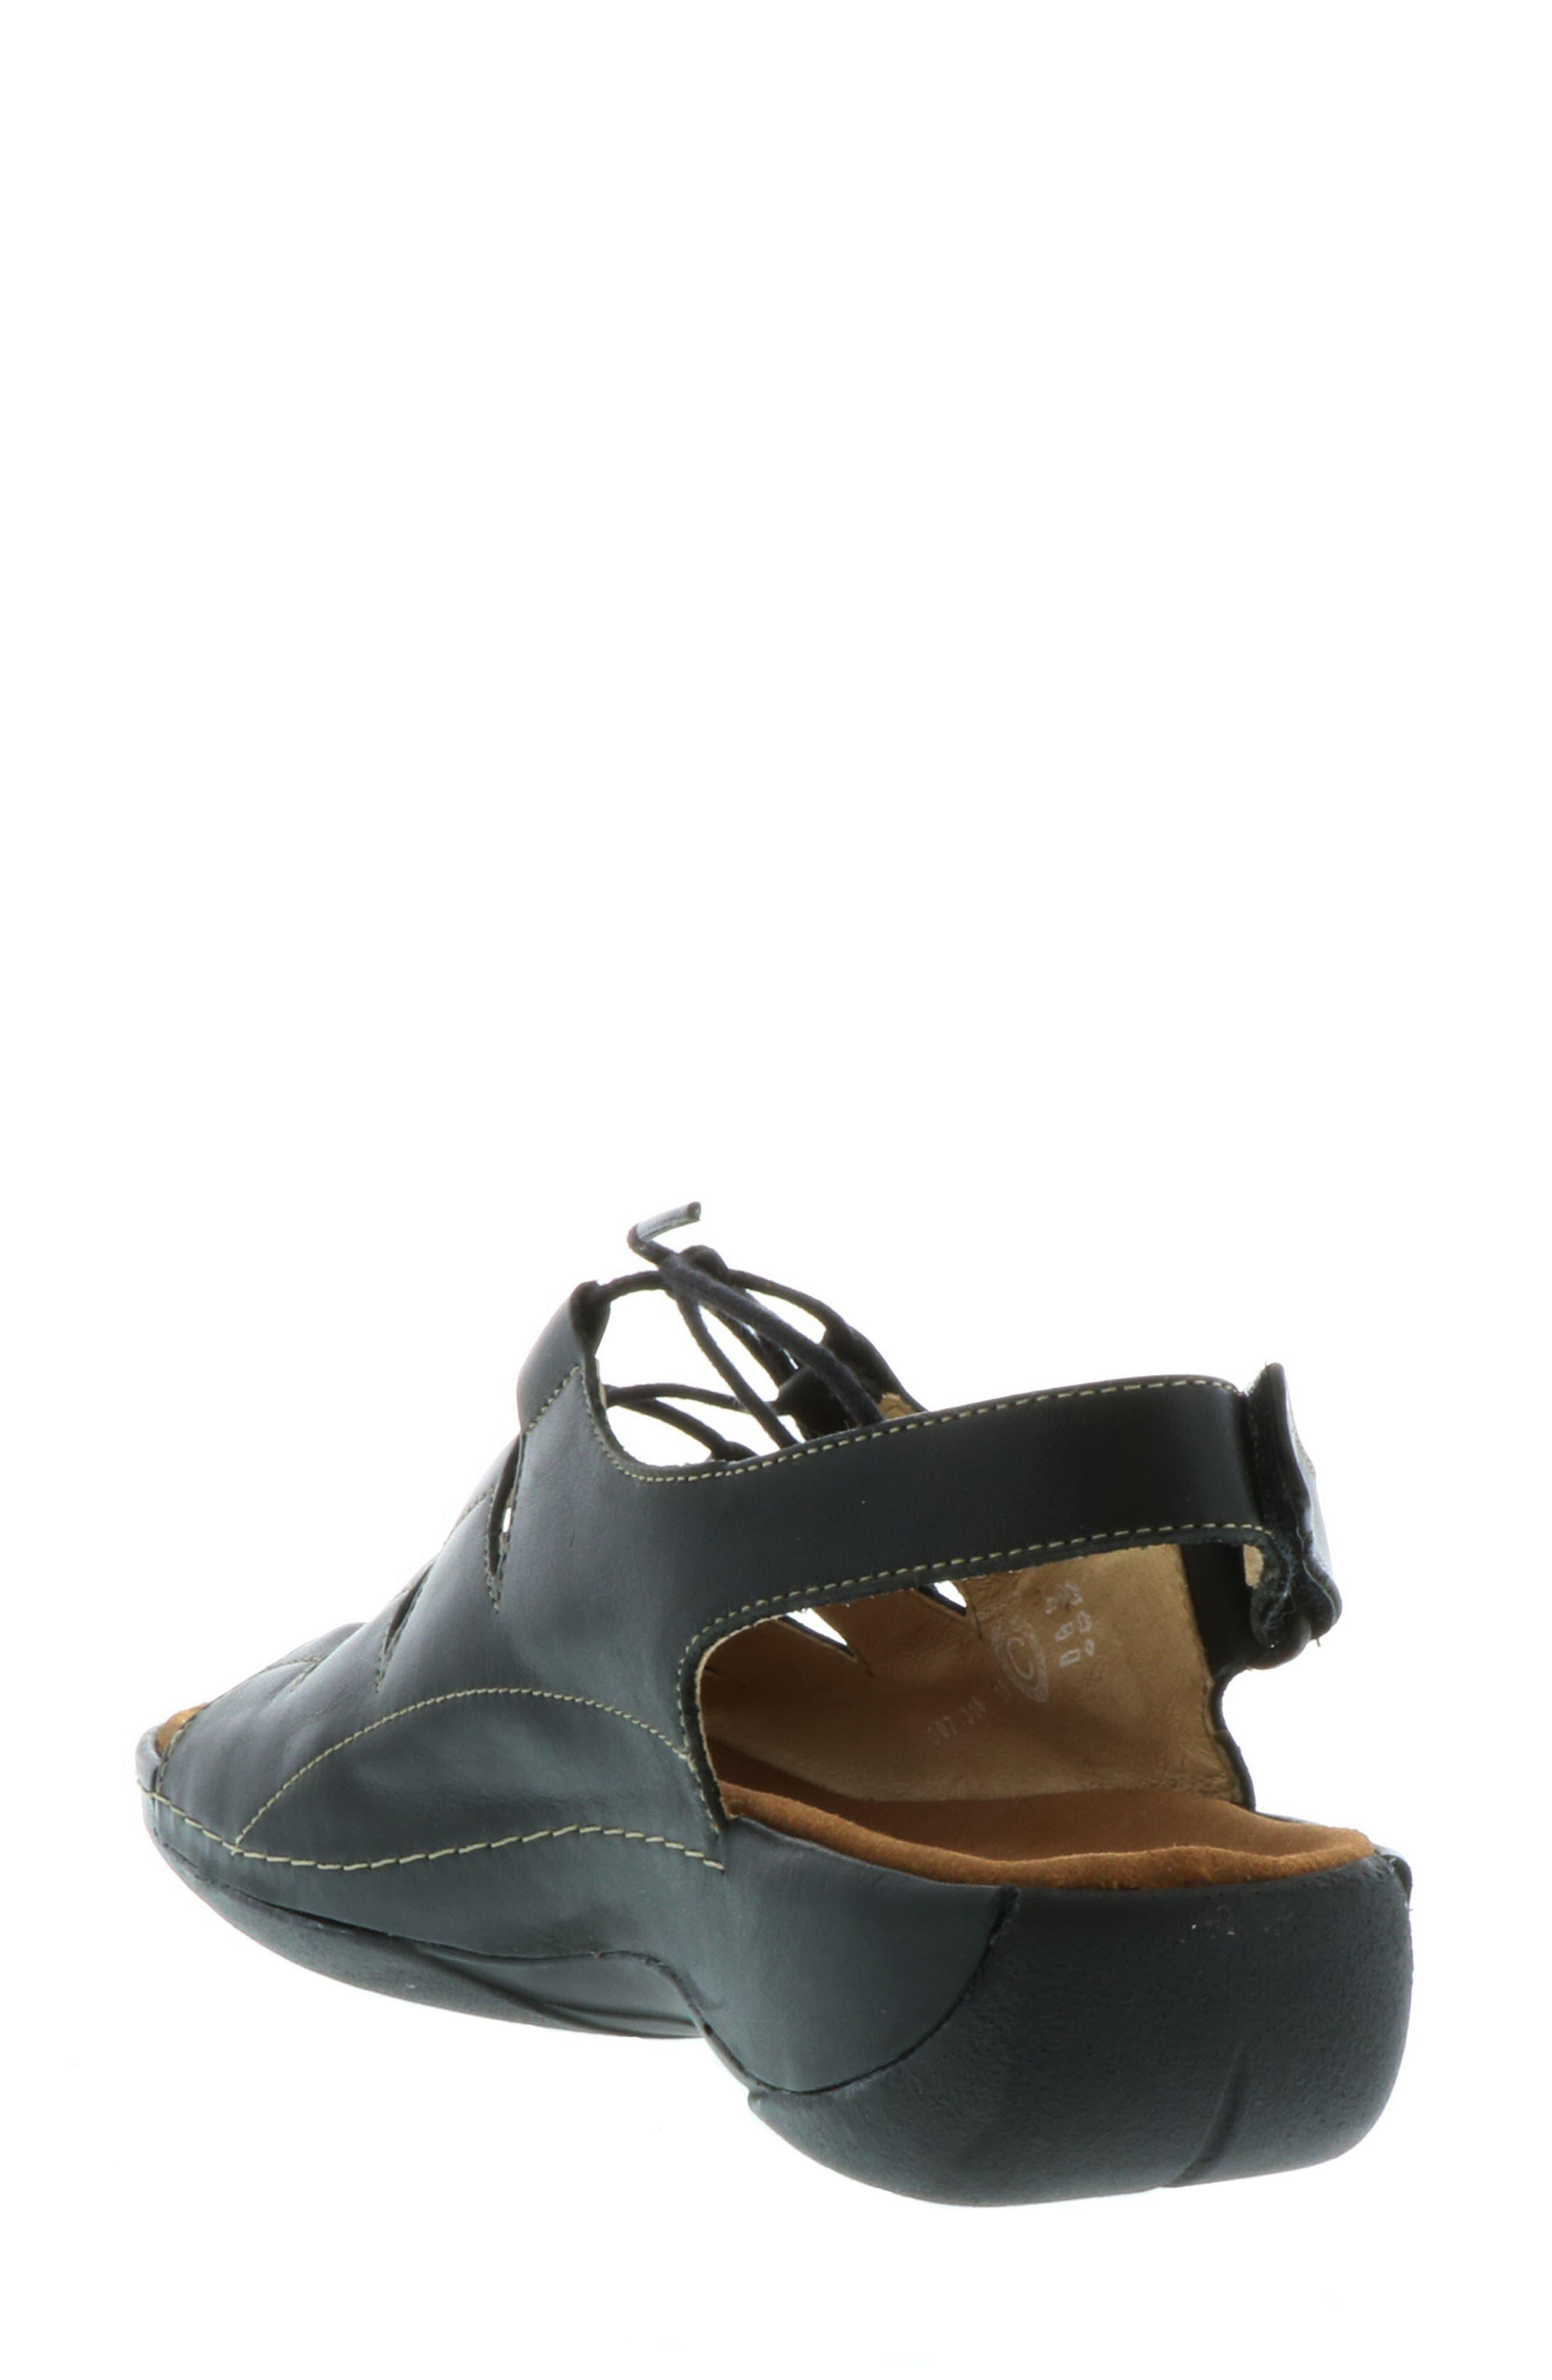 Kite Lace-Up Sandal,                             Alternate thumbnail 2, color,                             BLACK LEATHER